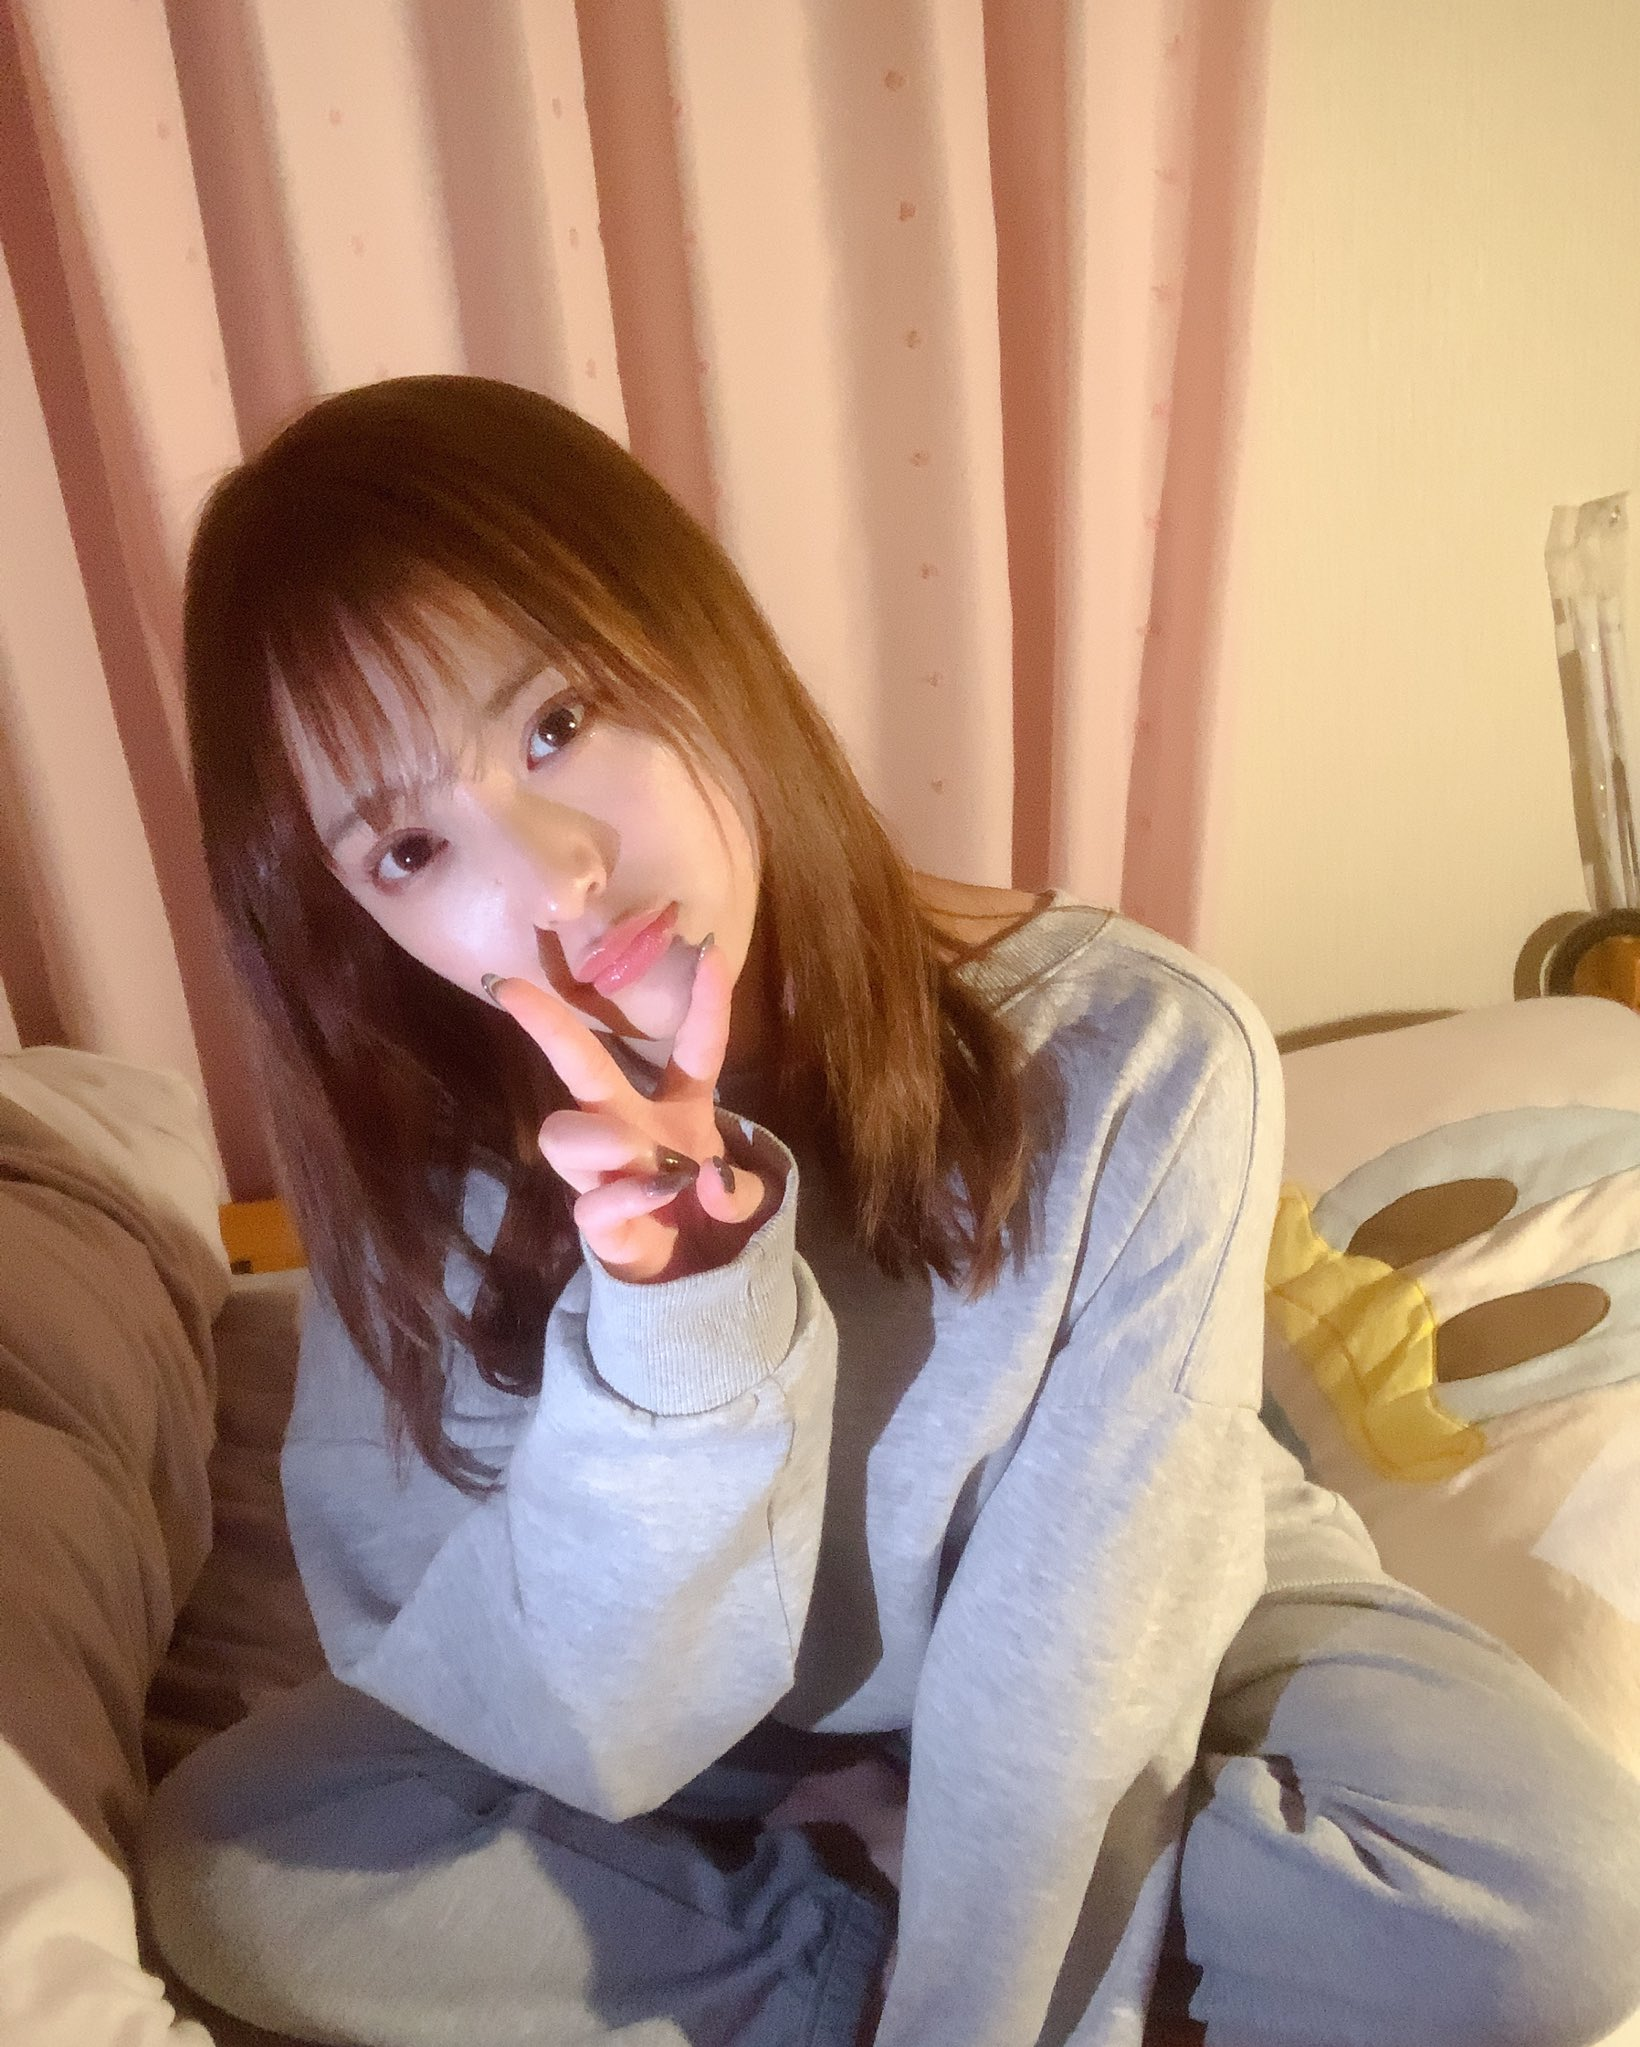 【悲報】クソガキさん、友達の姉のムチムチボディに欲情してしまう(動画あり)